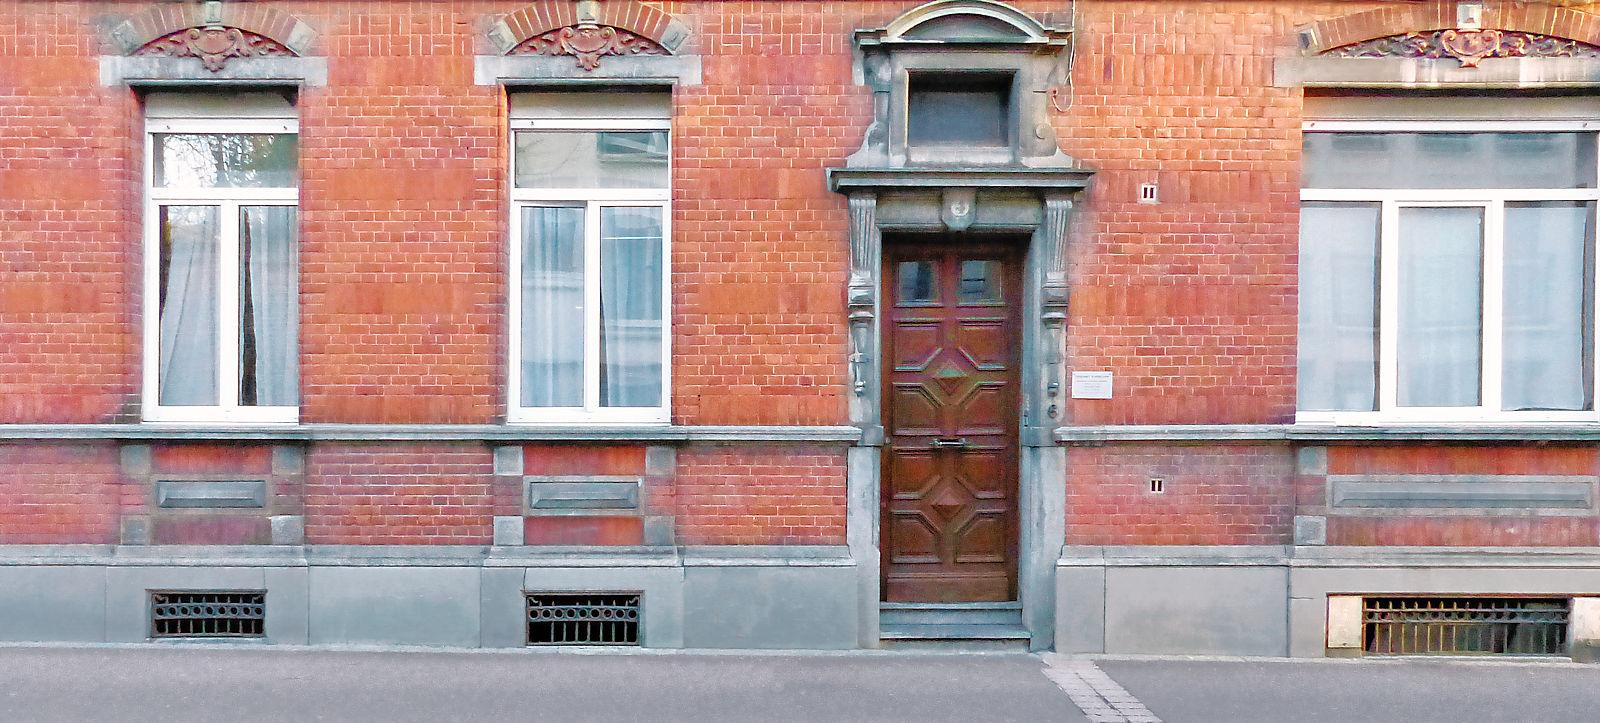 Avocats Cuvelier-Lejeune et Tran - Tourcoing, Rue de Chanzy